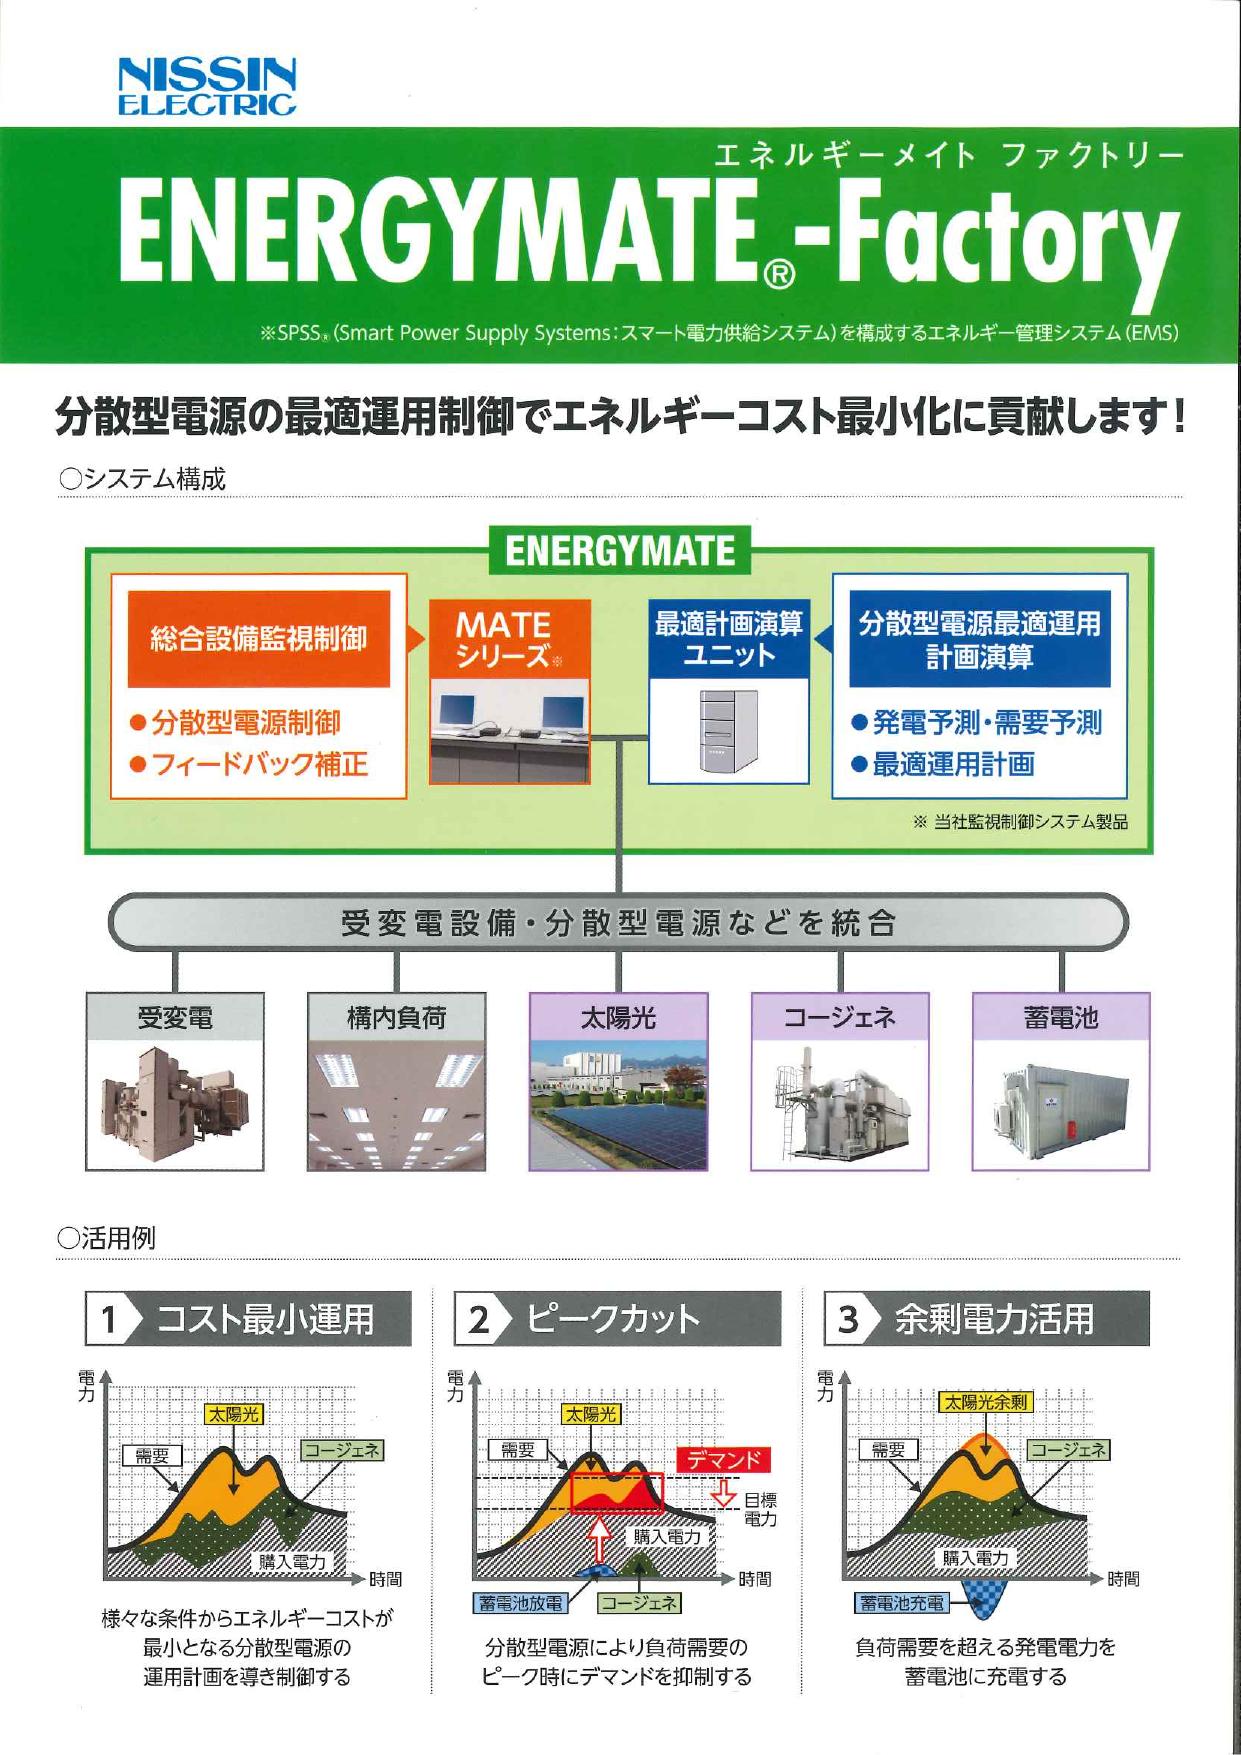 エネルギー管理システム エネルギーメイトファクトリー